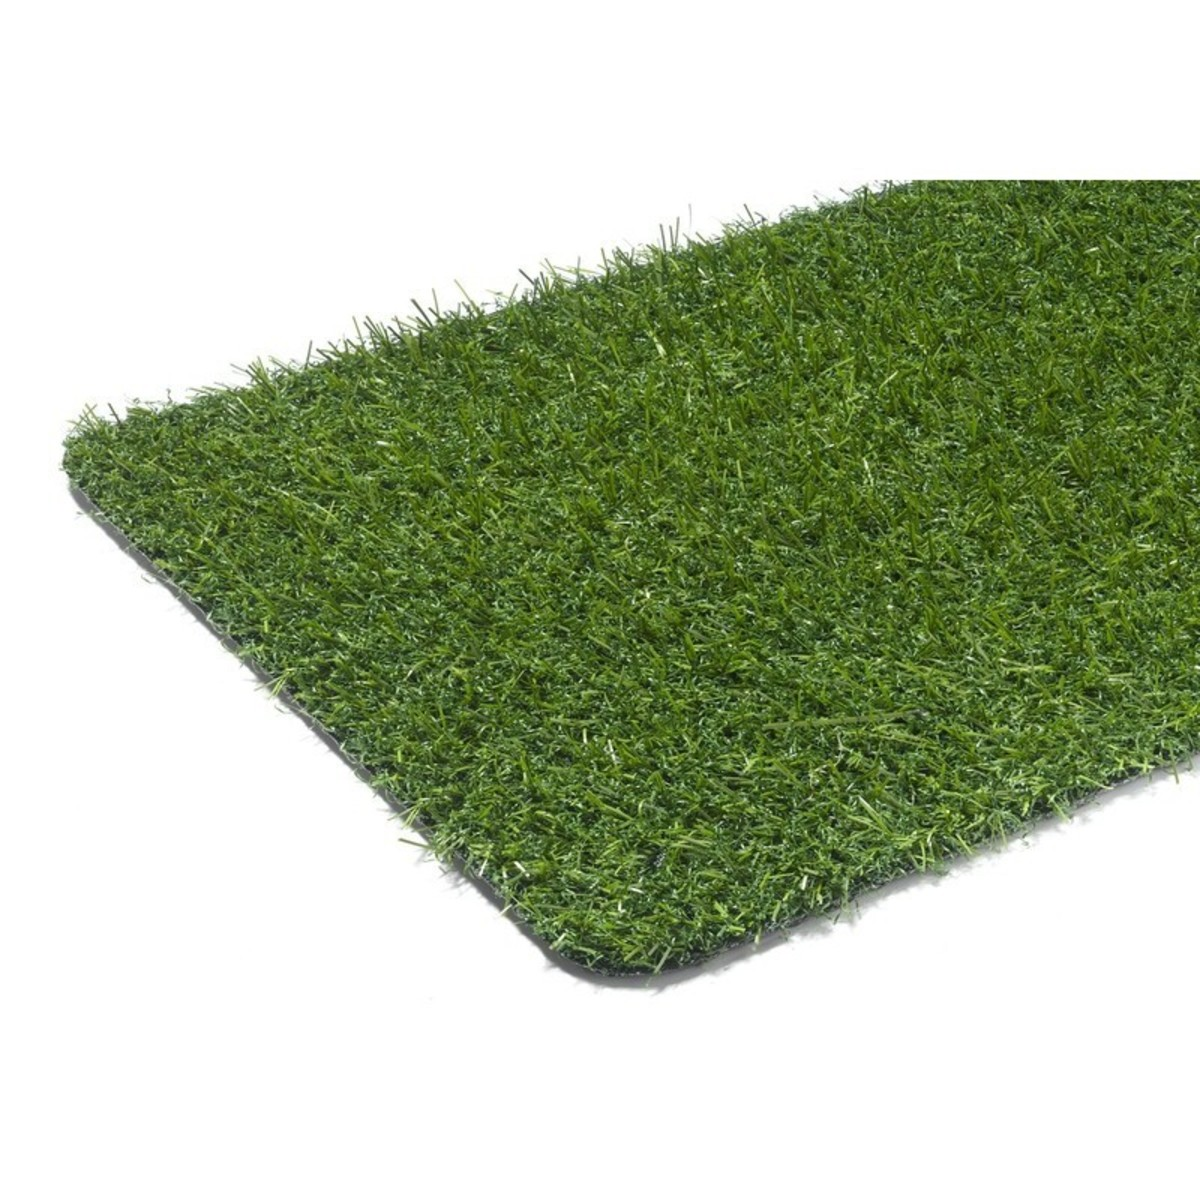 Покрытие искусственное Трава Greenlife 15 мм ширина 4 м цвет зеленый